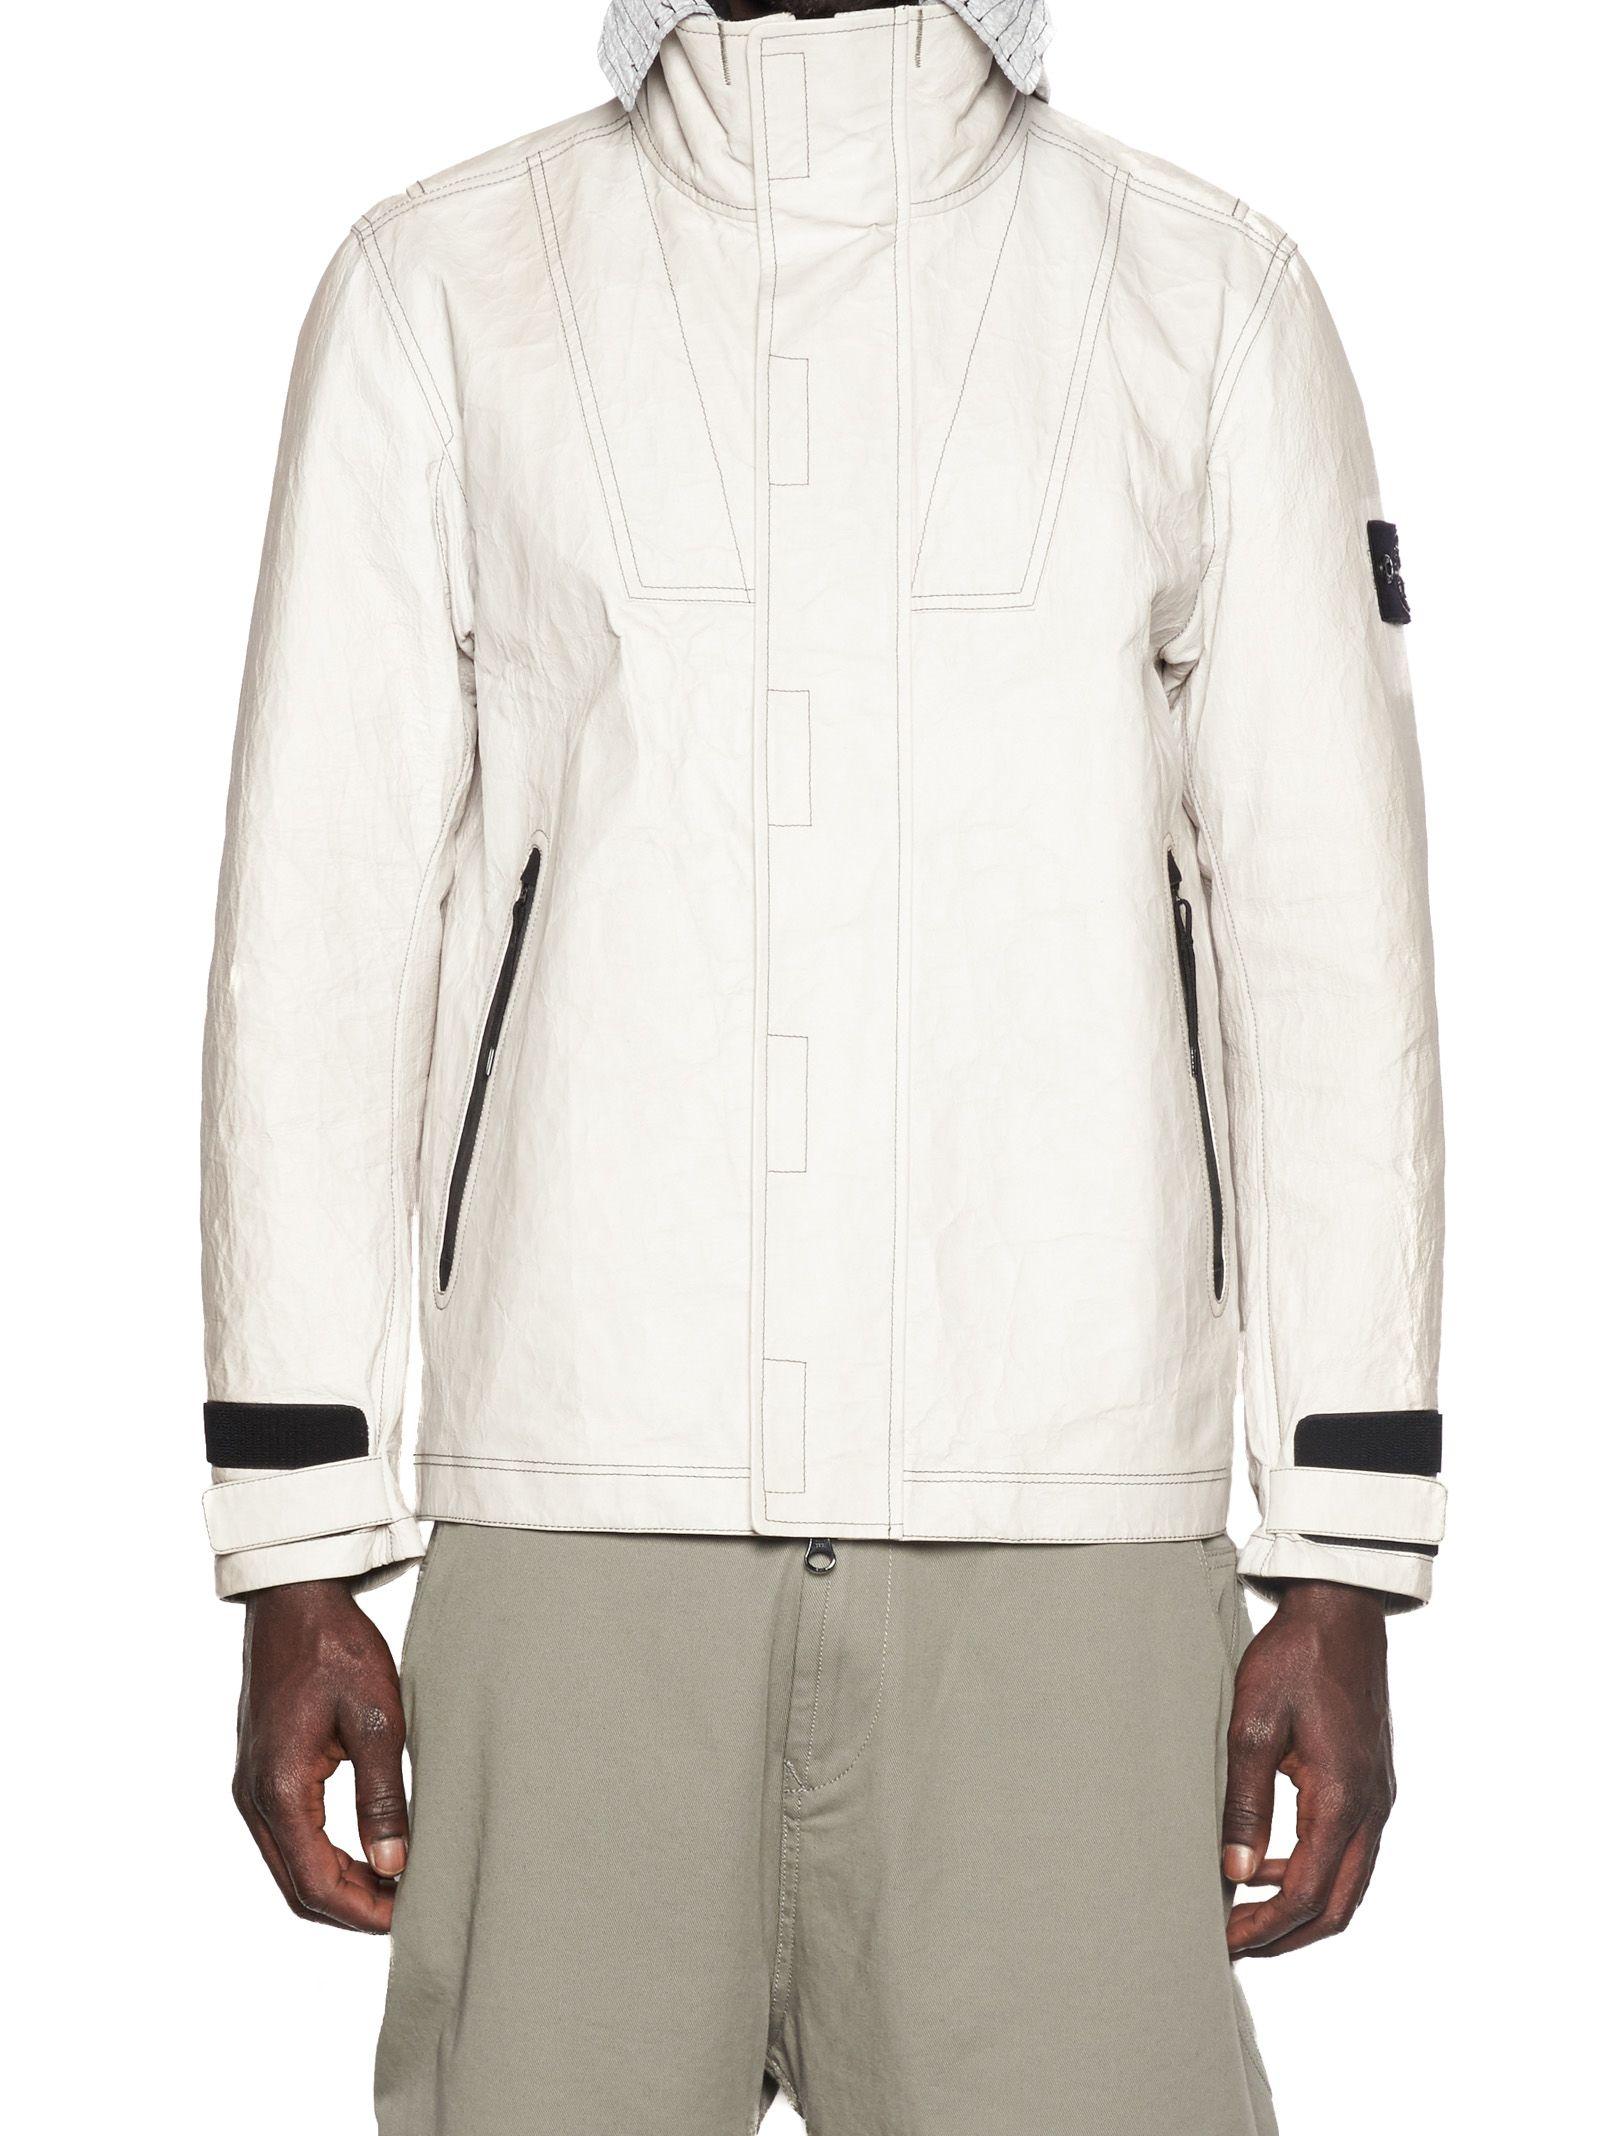 Stone Island 'ice Jacket' Jacket